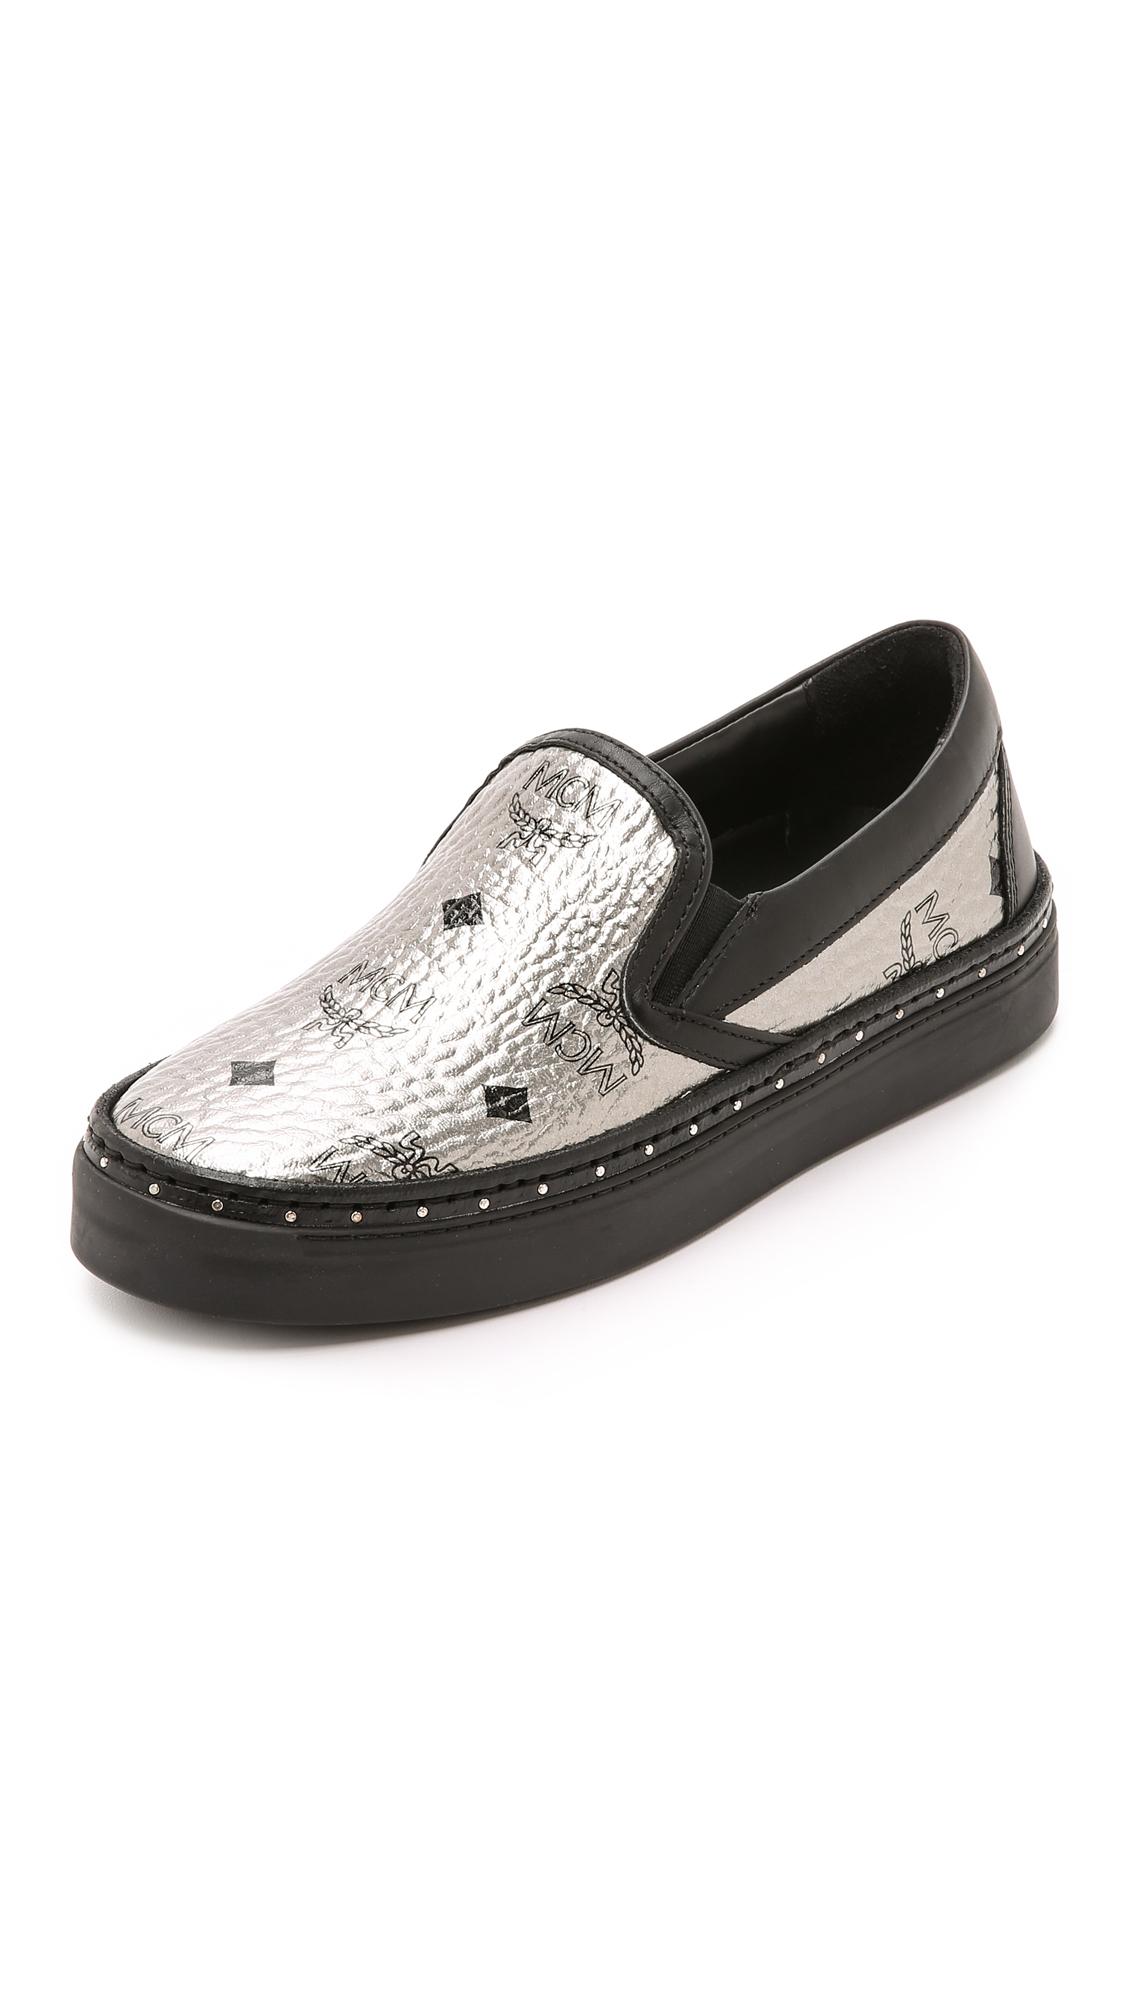 Lyst Mcm Slip On Sneakers Visetos Silver In Black